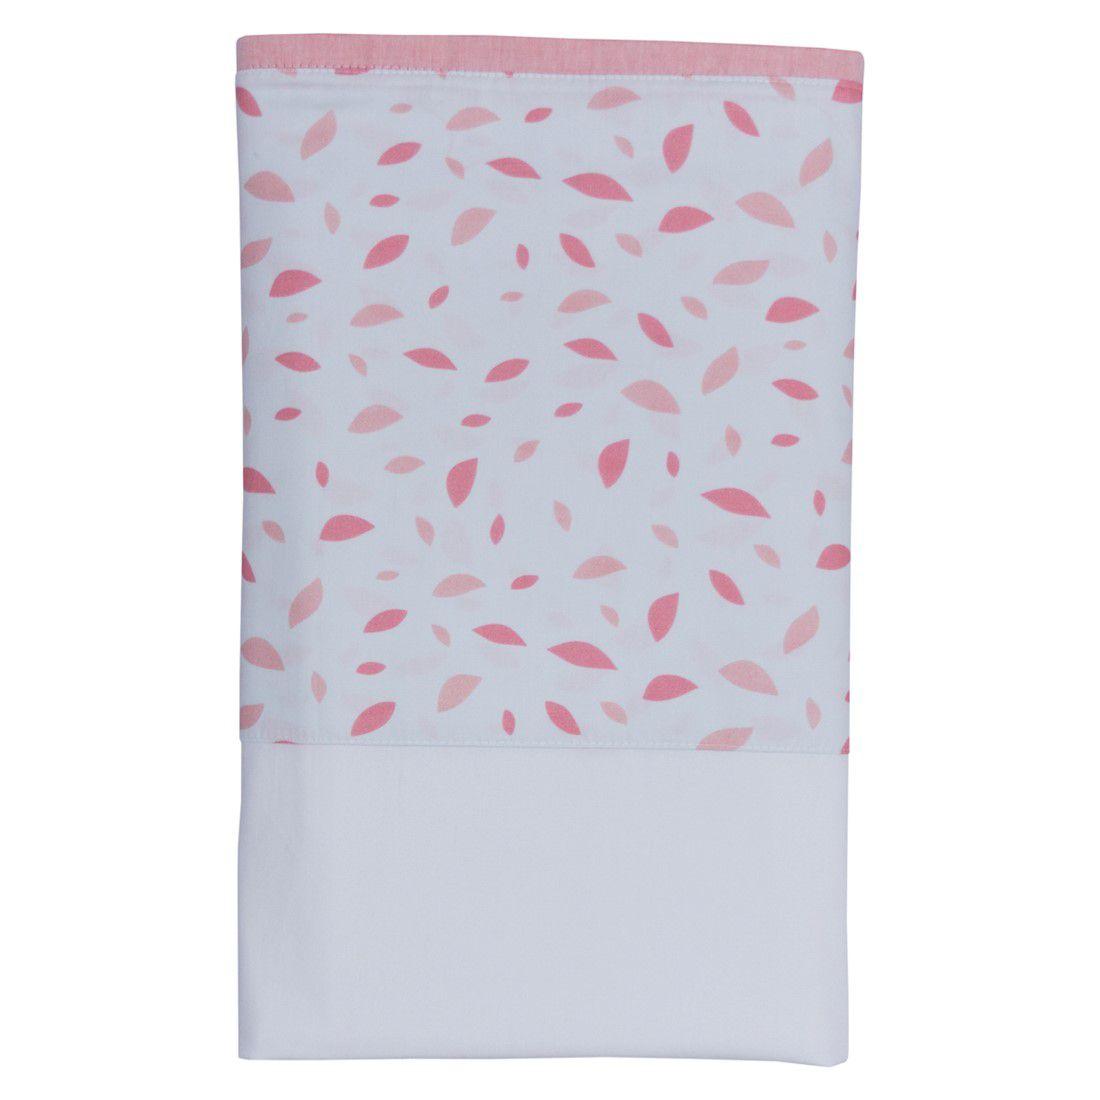 Lençol branco com vira chão de folhas rosa chá